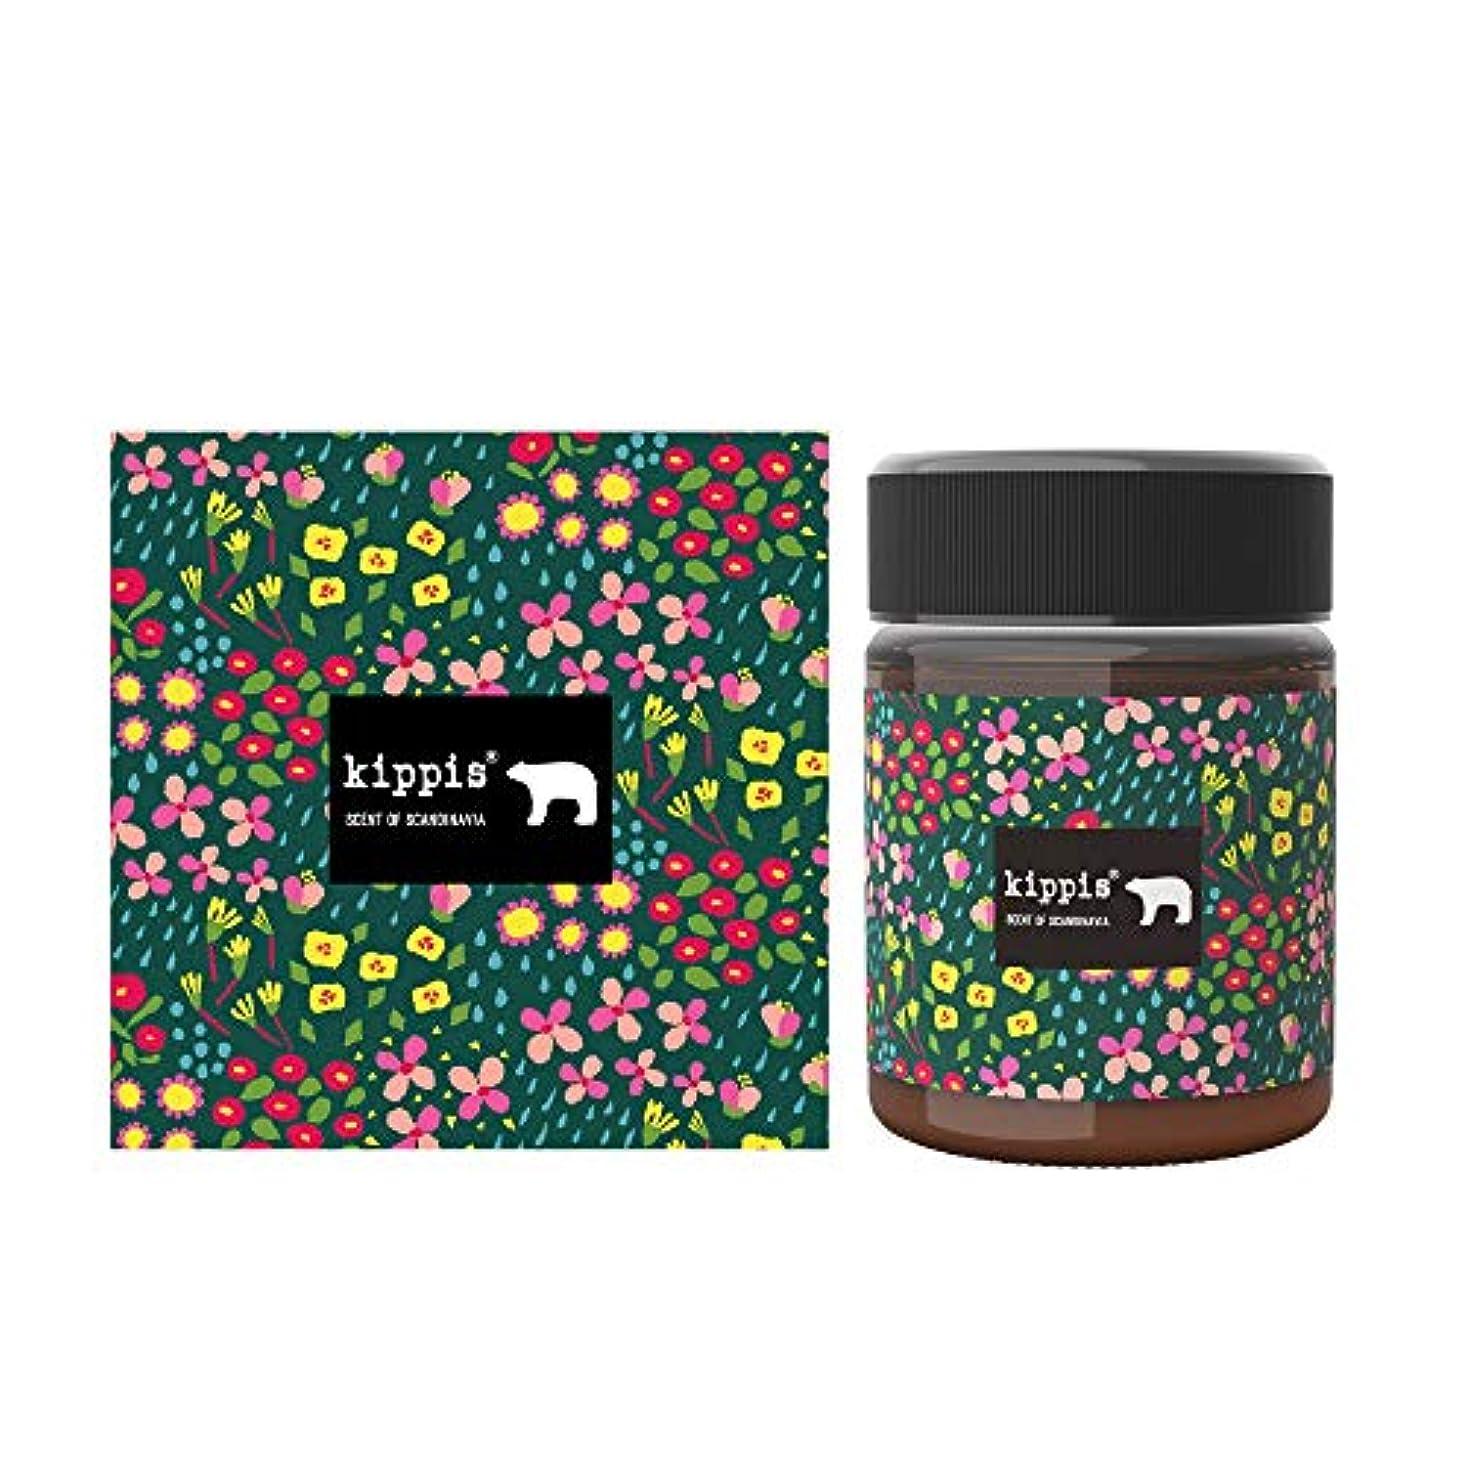 引き潮買うメイドキッピス 髪と肌のトリートメントワックス(風香る森の花々の香り)40g